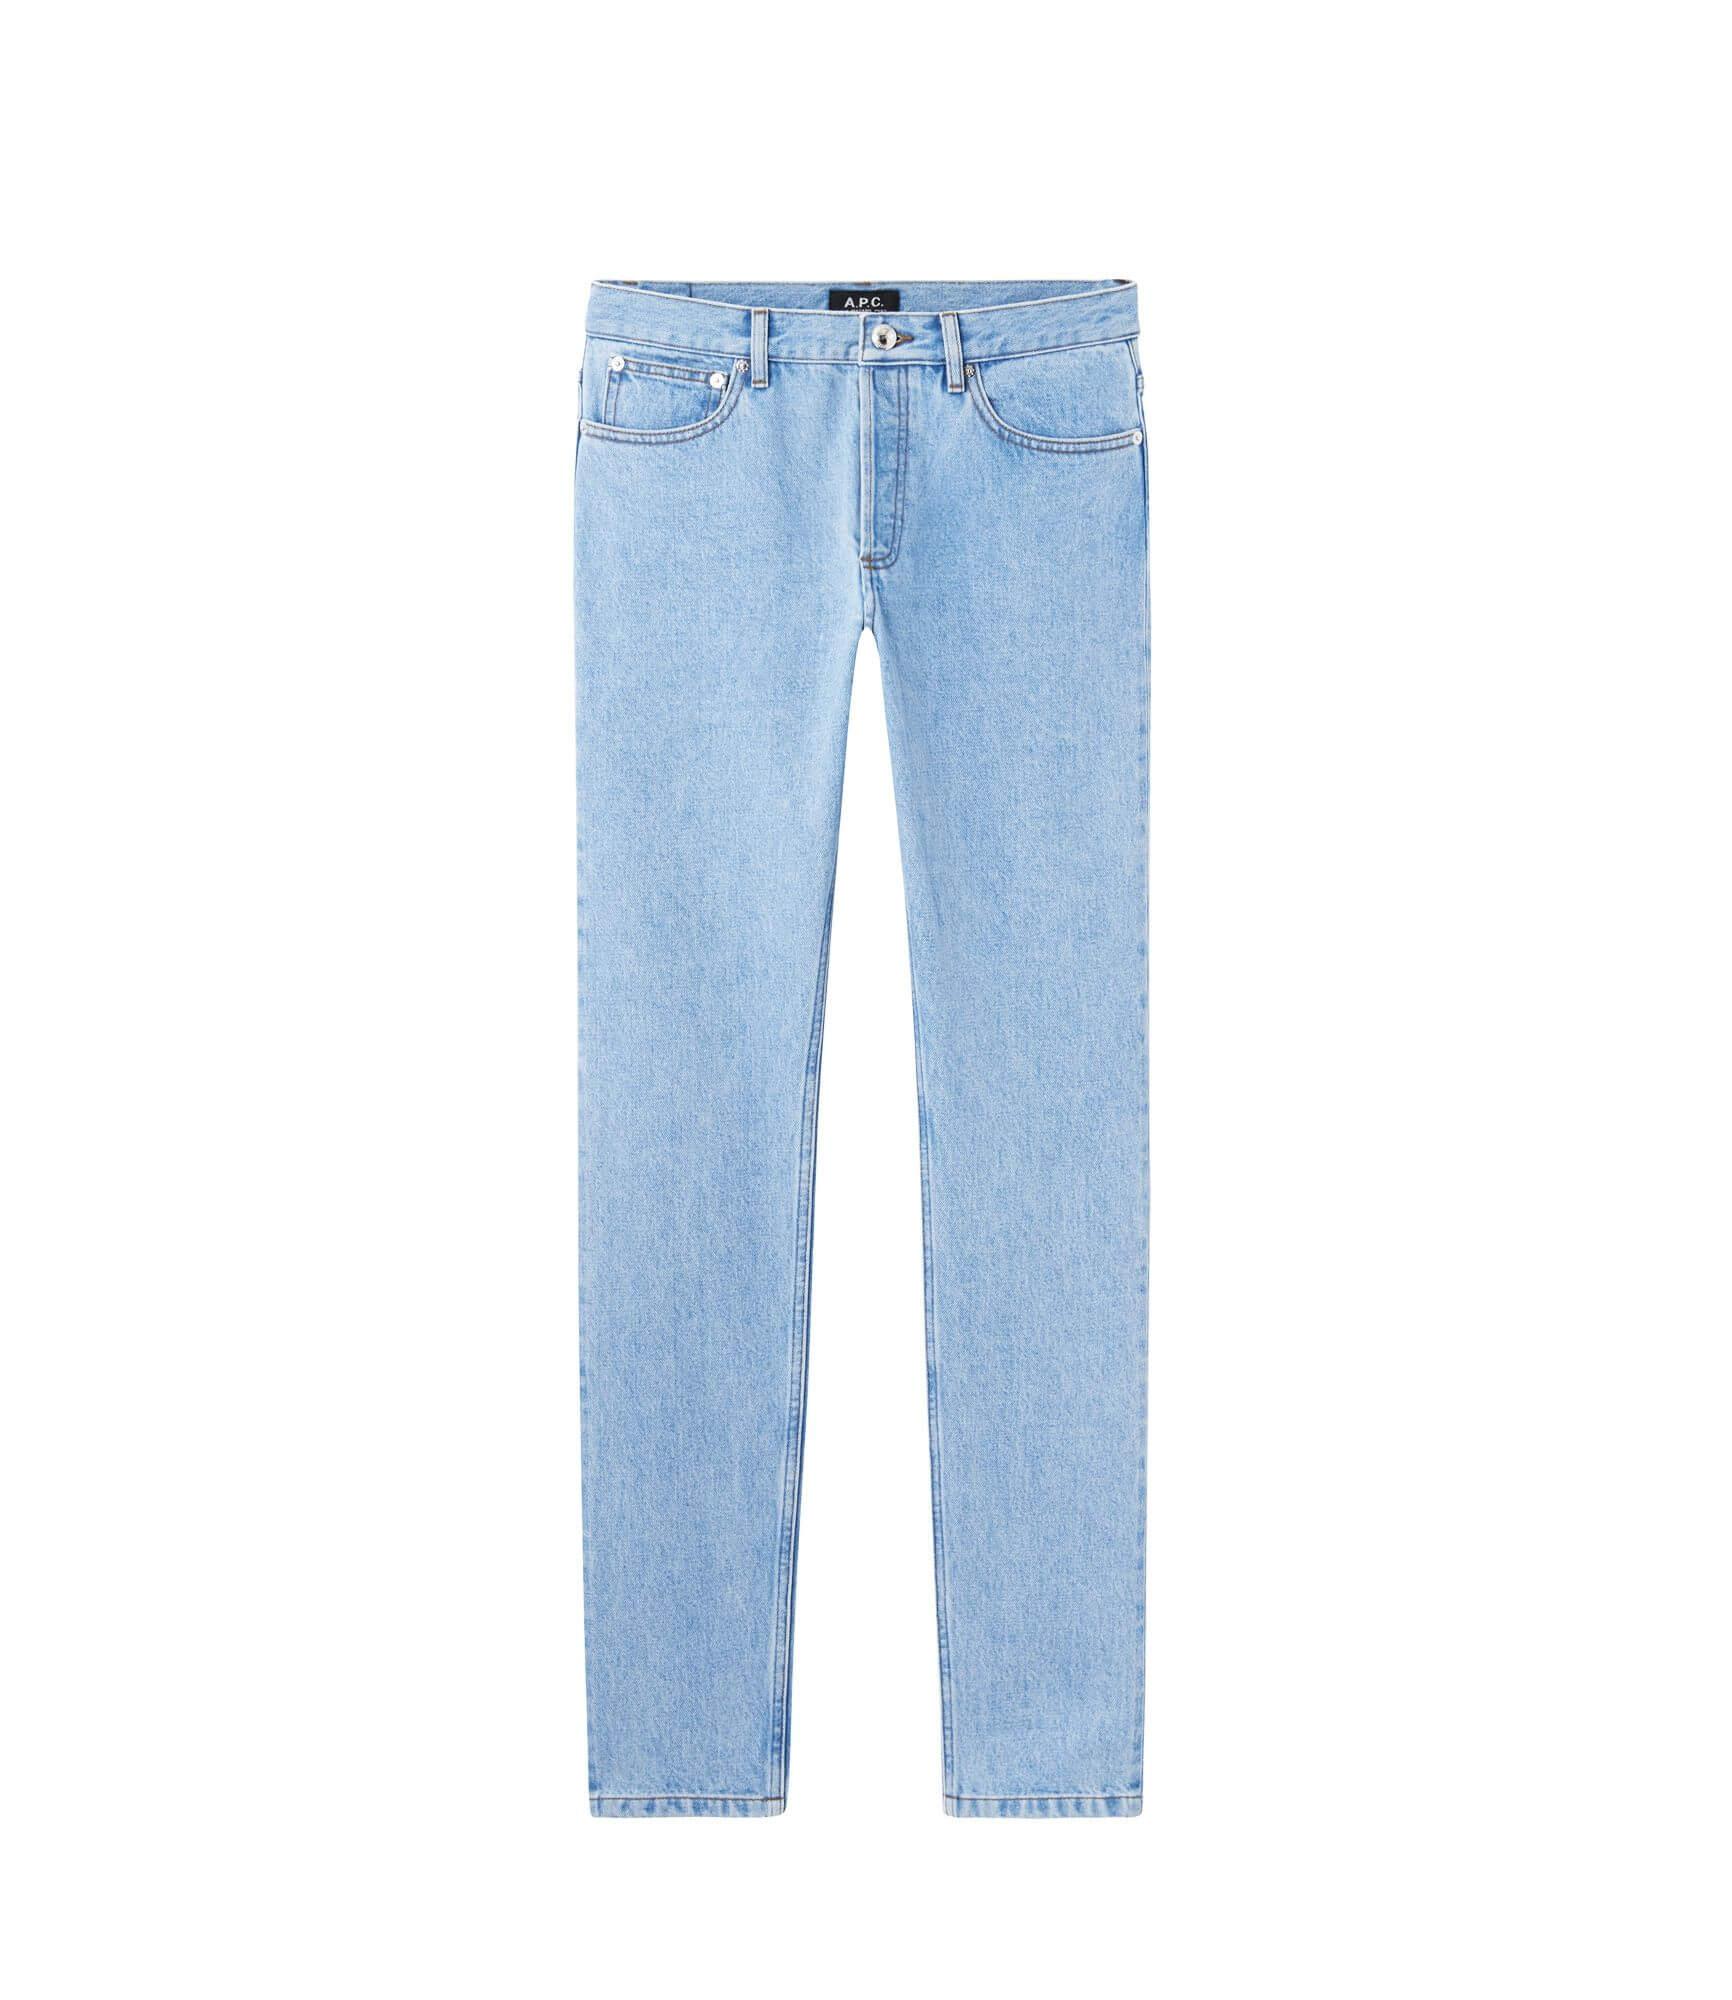 Pantalons / Jeans